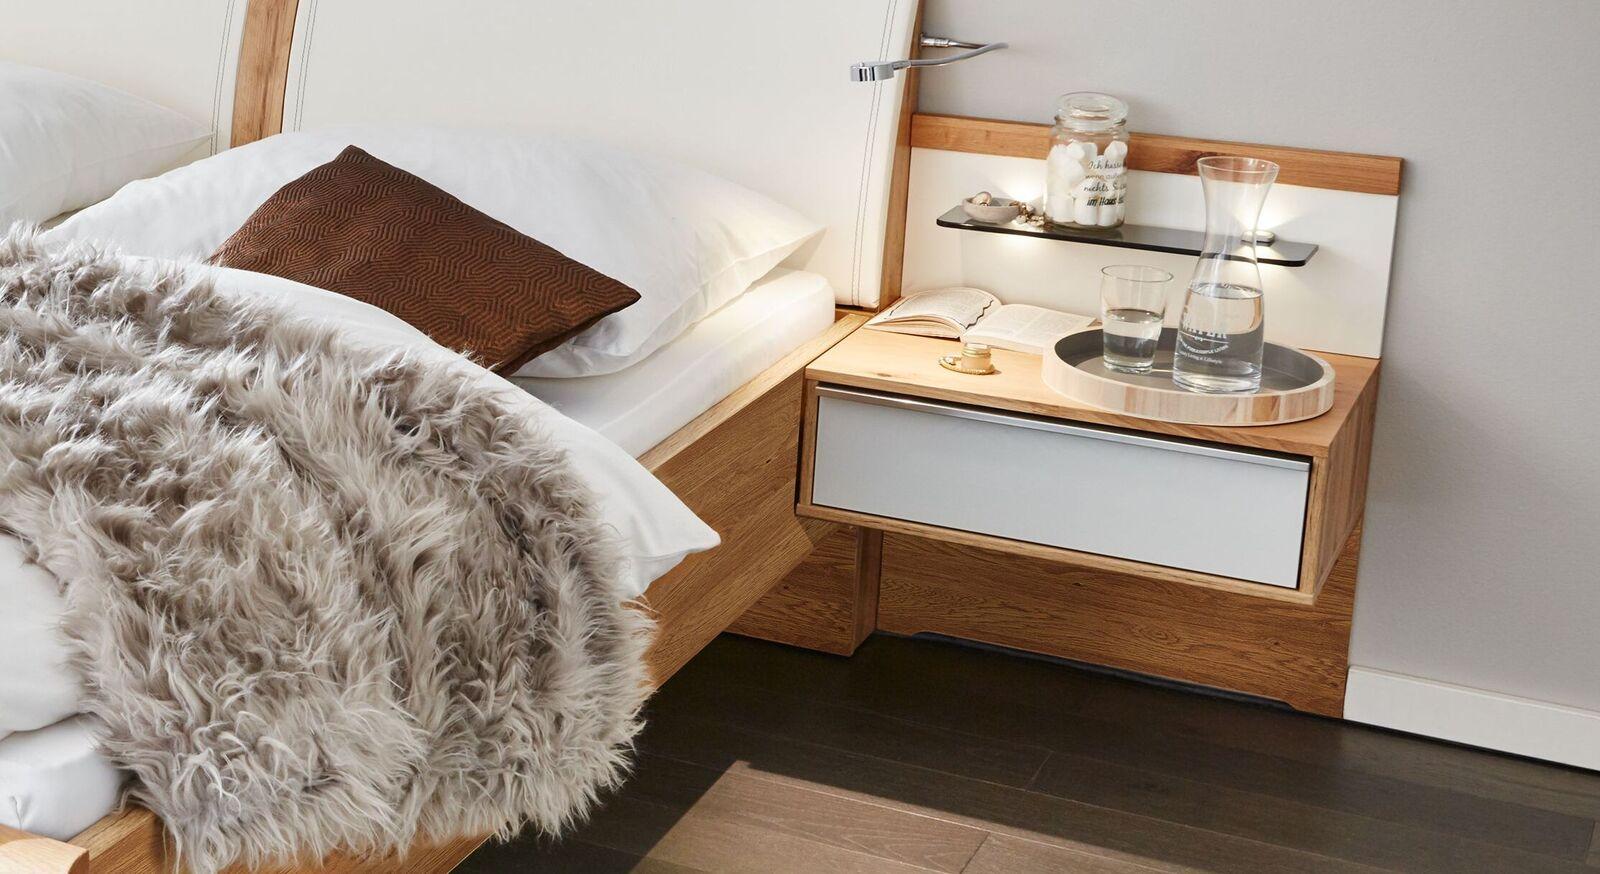 Trendiger INTERLIVING Schwebe-Nachttisch 1202 aus Balkeneiche